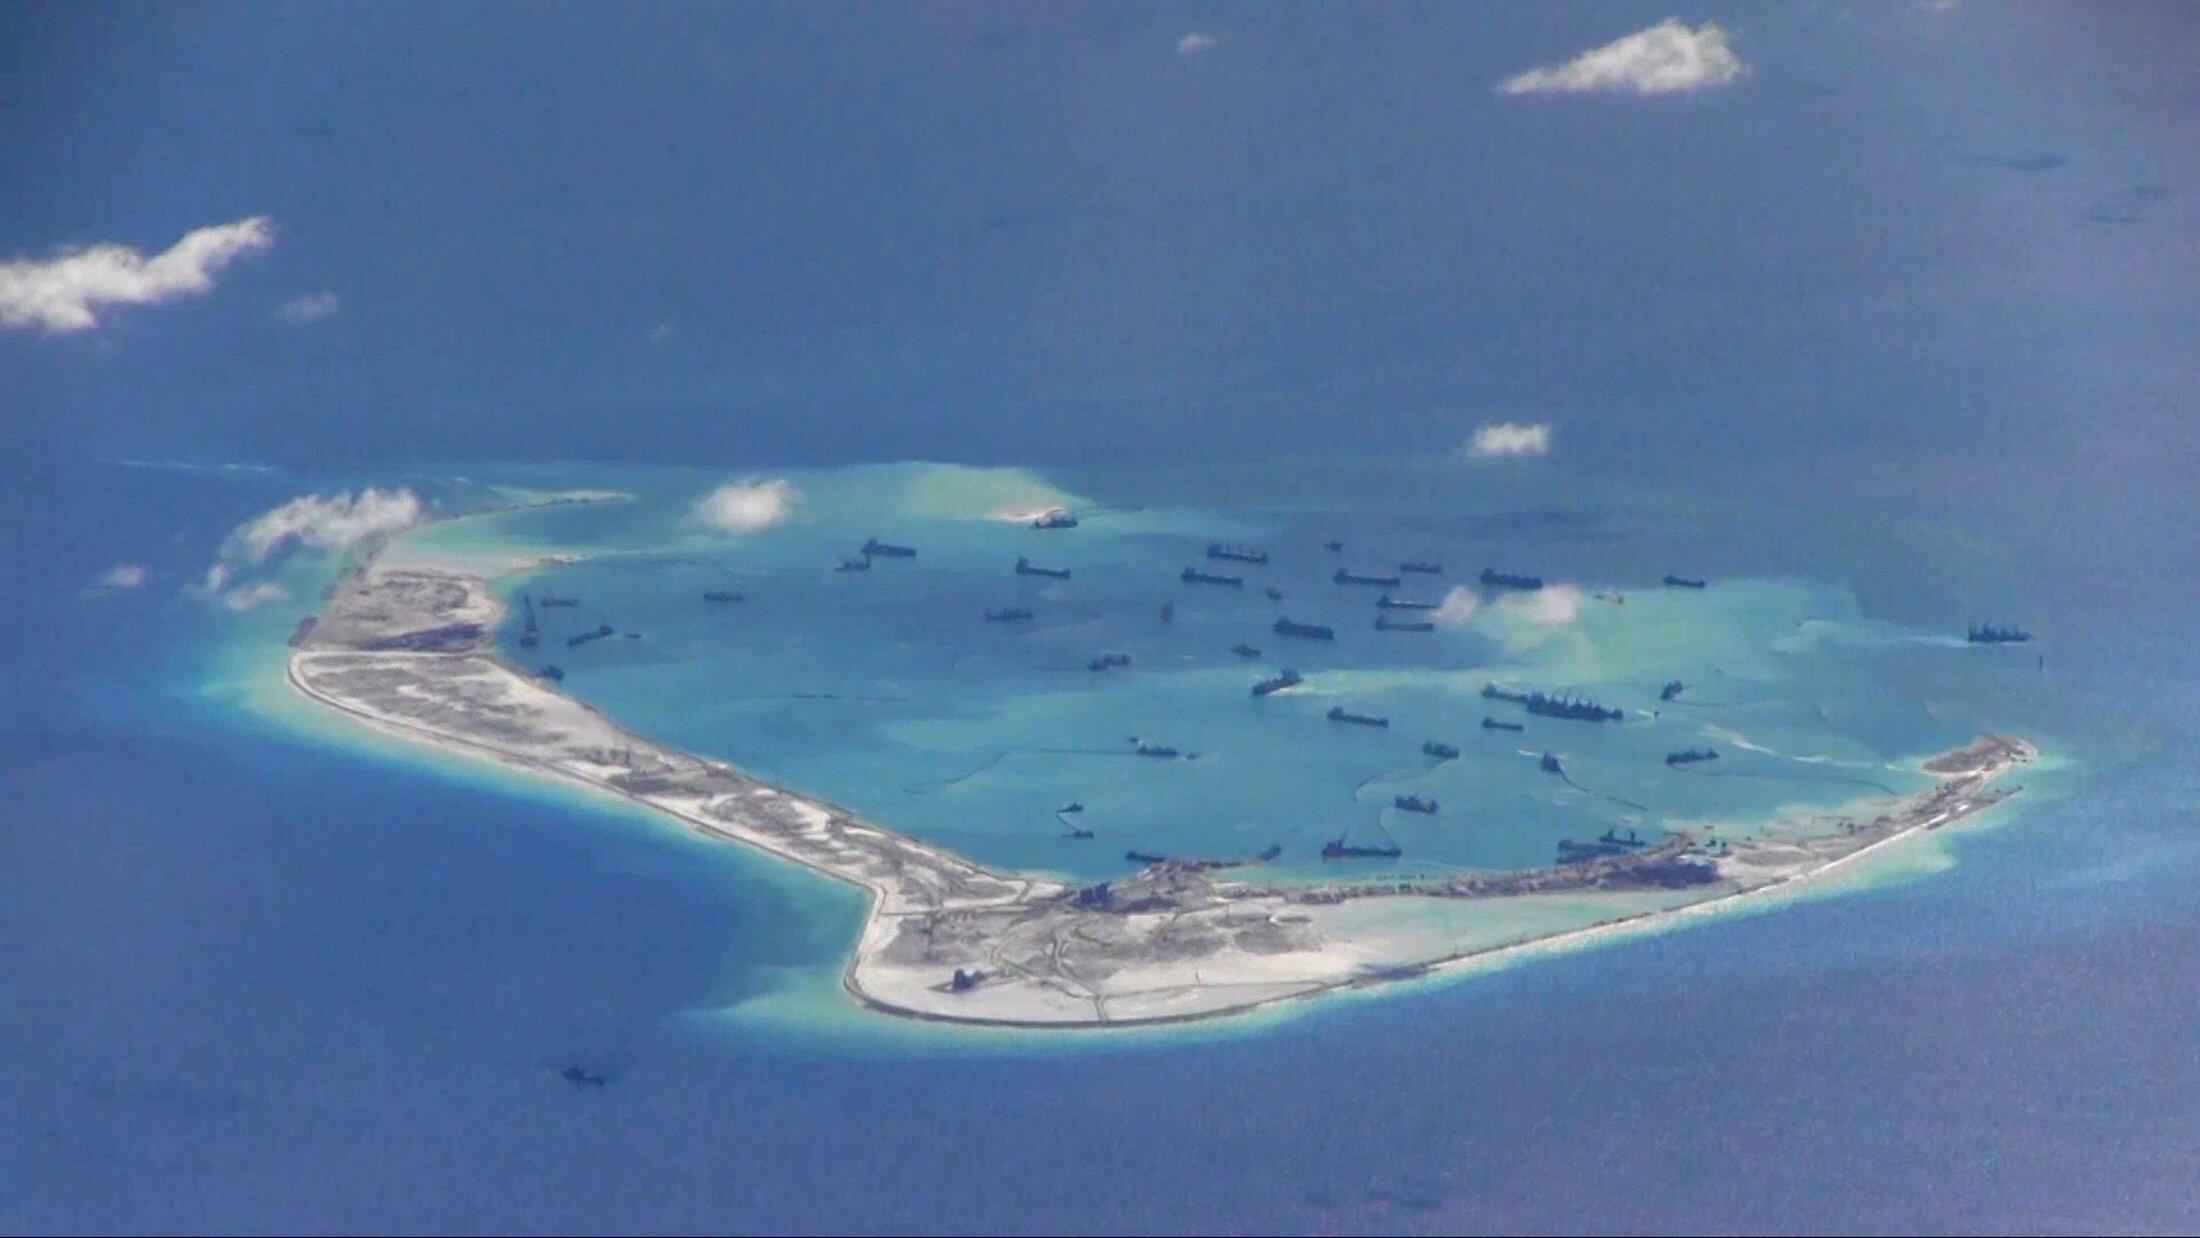 Le récif corallien Mischief en 2015. Situé dans la ZEE revendiquée par Manille au large de ses côtes, il est contrôlé par les Chinois depuis 1995. La Chine y déploie des installations stratégiques et donc potentiellement militaires depuis plusieurs années.